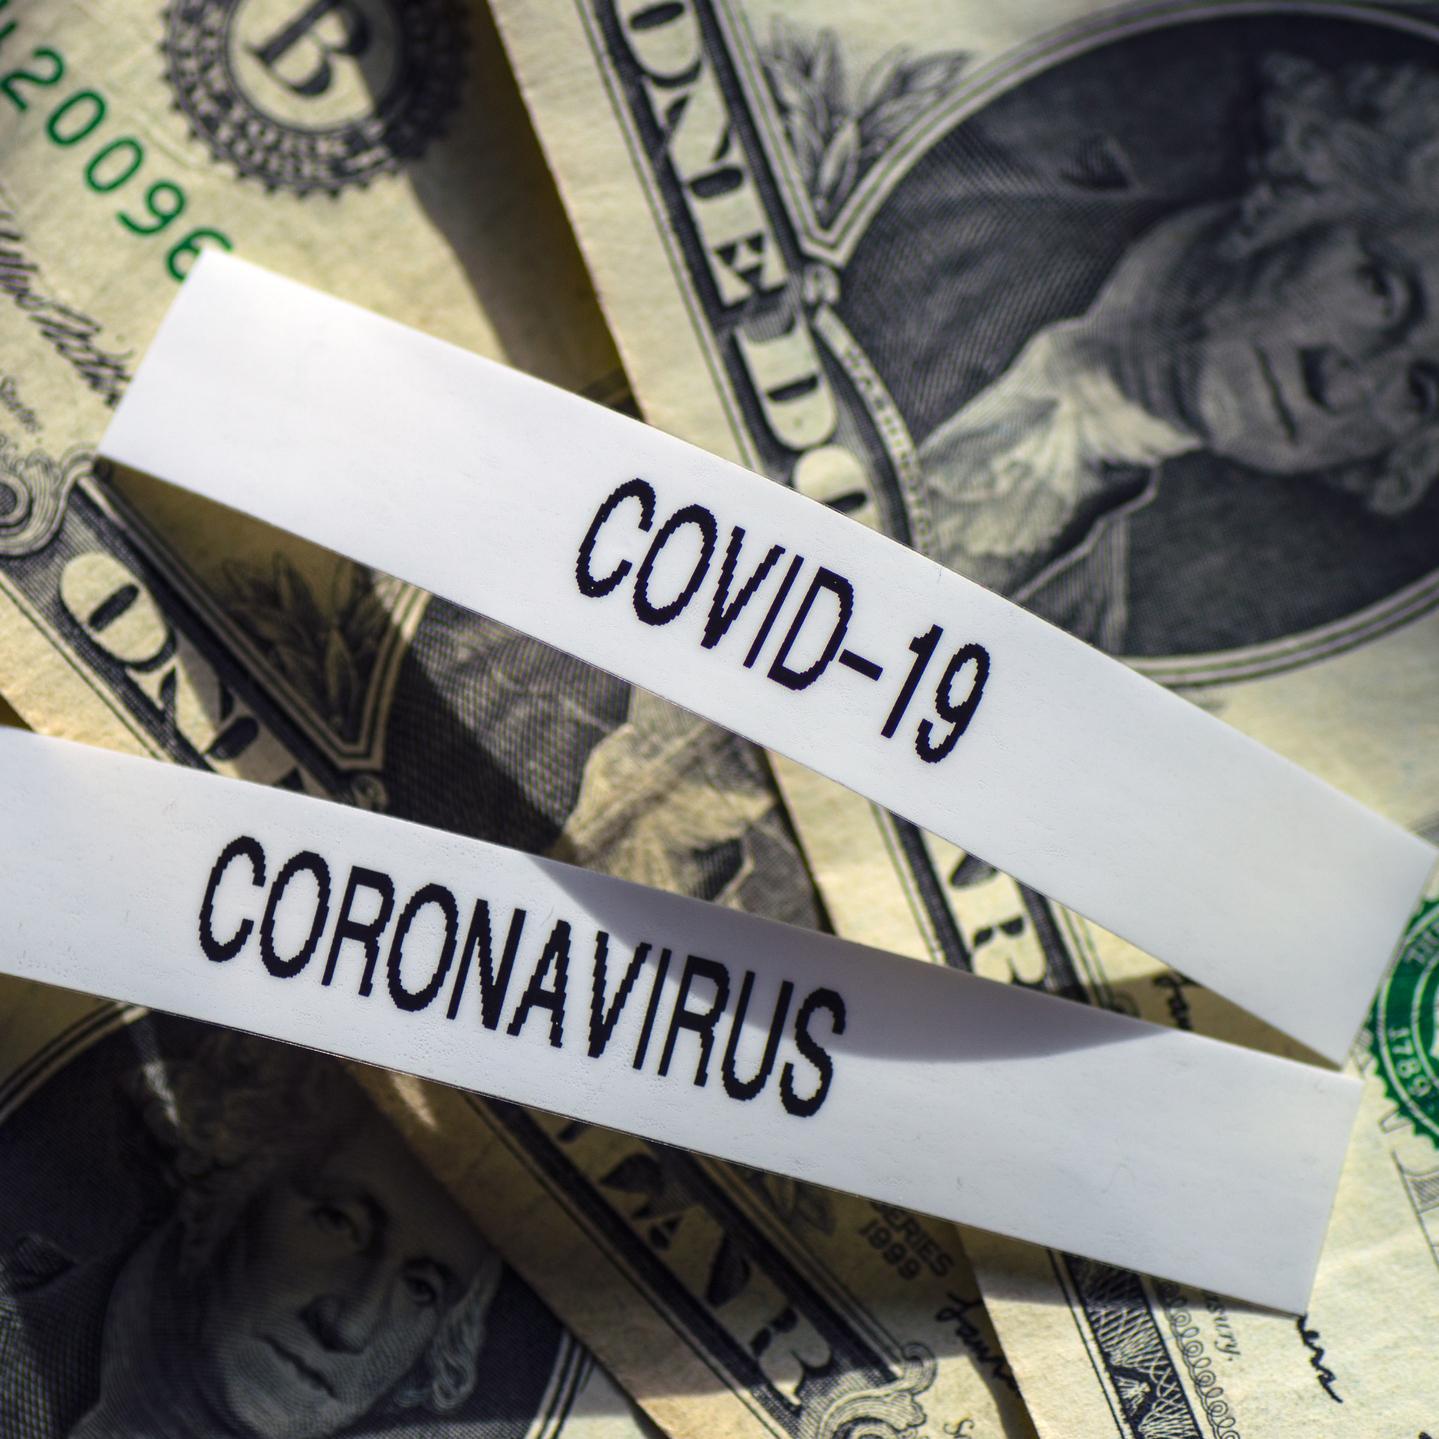 COVID-19 Fake Pandemics